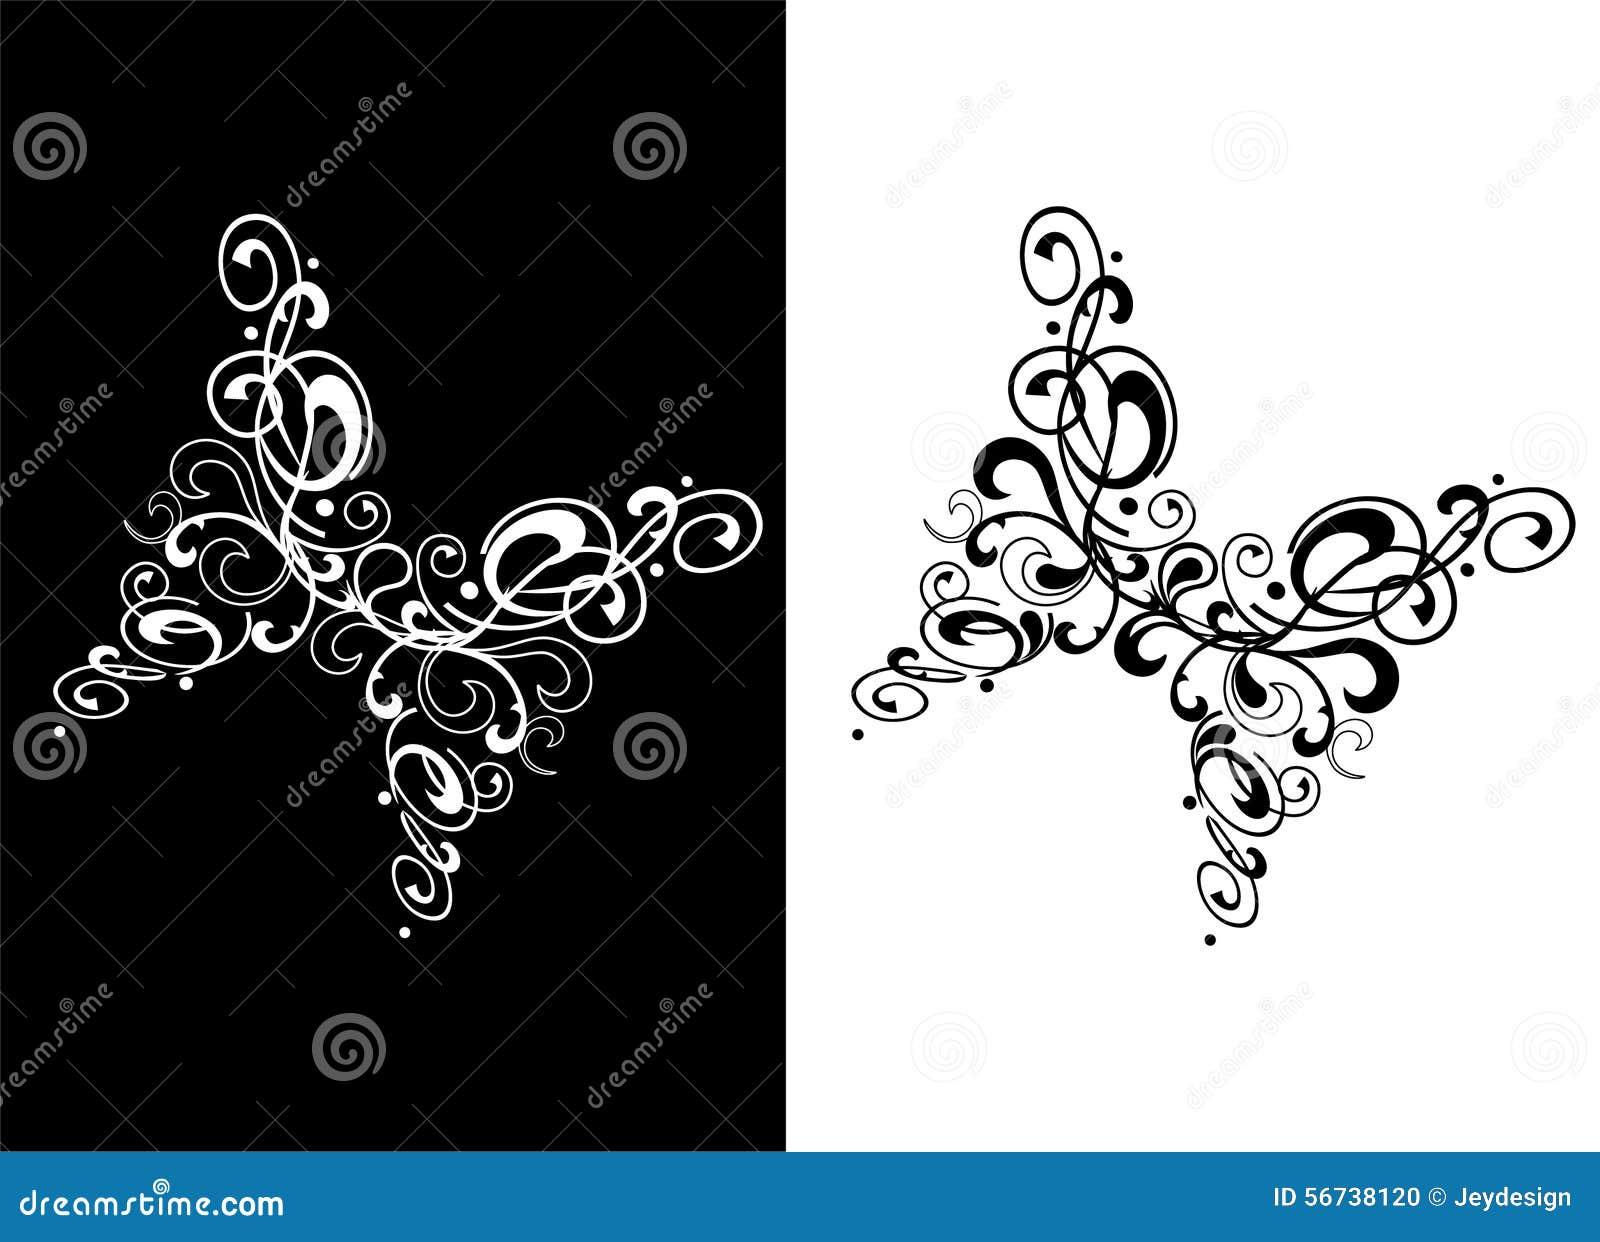 tatouage abstrait de papillon noir et blanc illustration de vecteur image 56738120. Black Bedroom Furniture Sets. Home Design Ideas